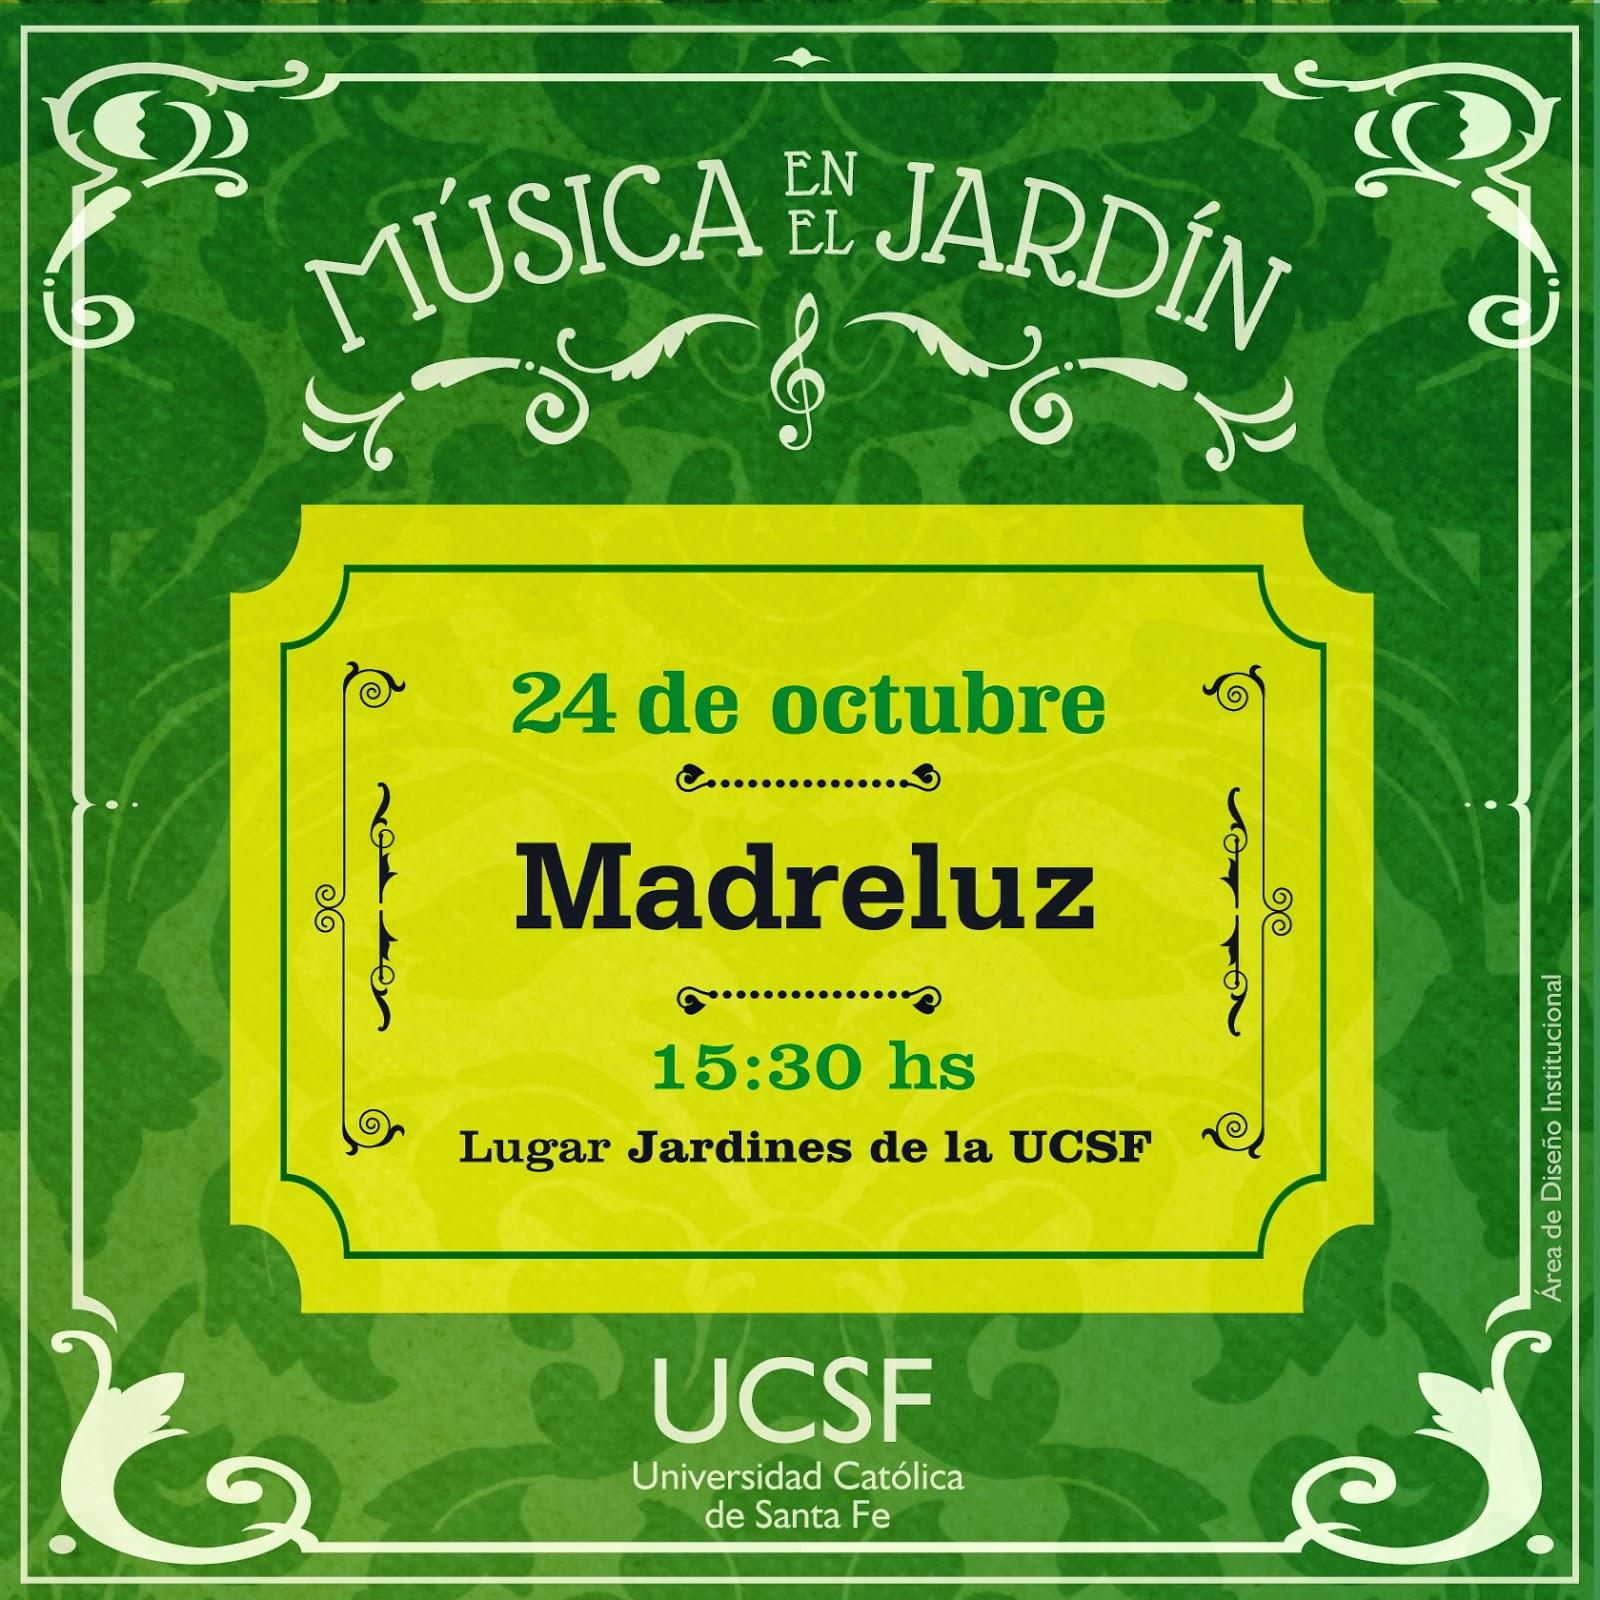 Madreluz en el ciclo m sica en el jard n ucsf for Cancion en el jardin